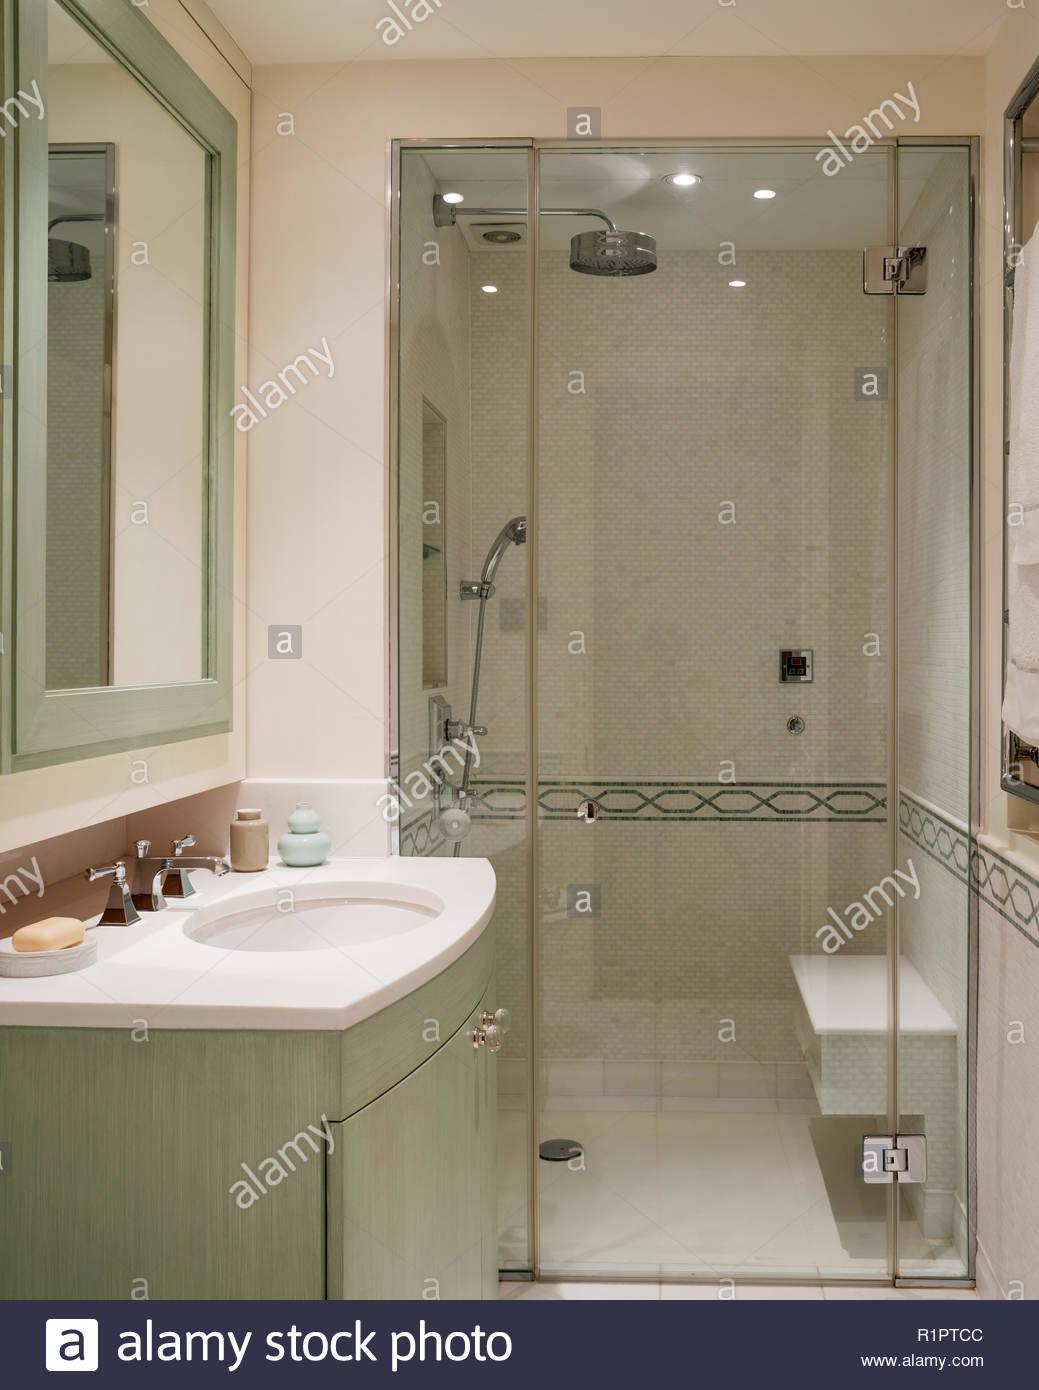 Grün und Weiß gehaltenen Badezimmer Stockfoto, Bild: 224851548 - Alamy